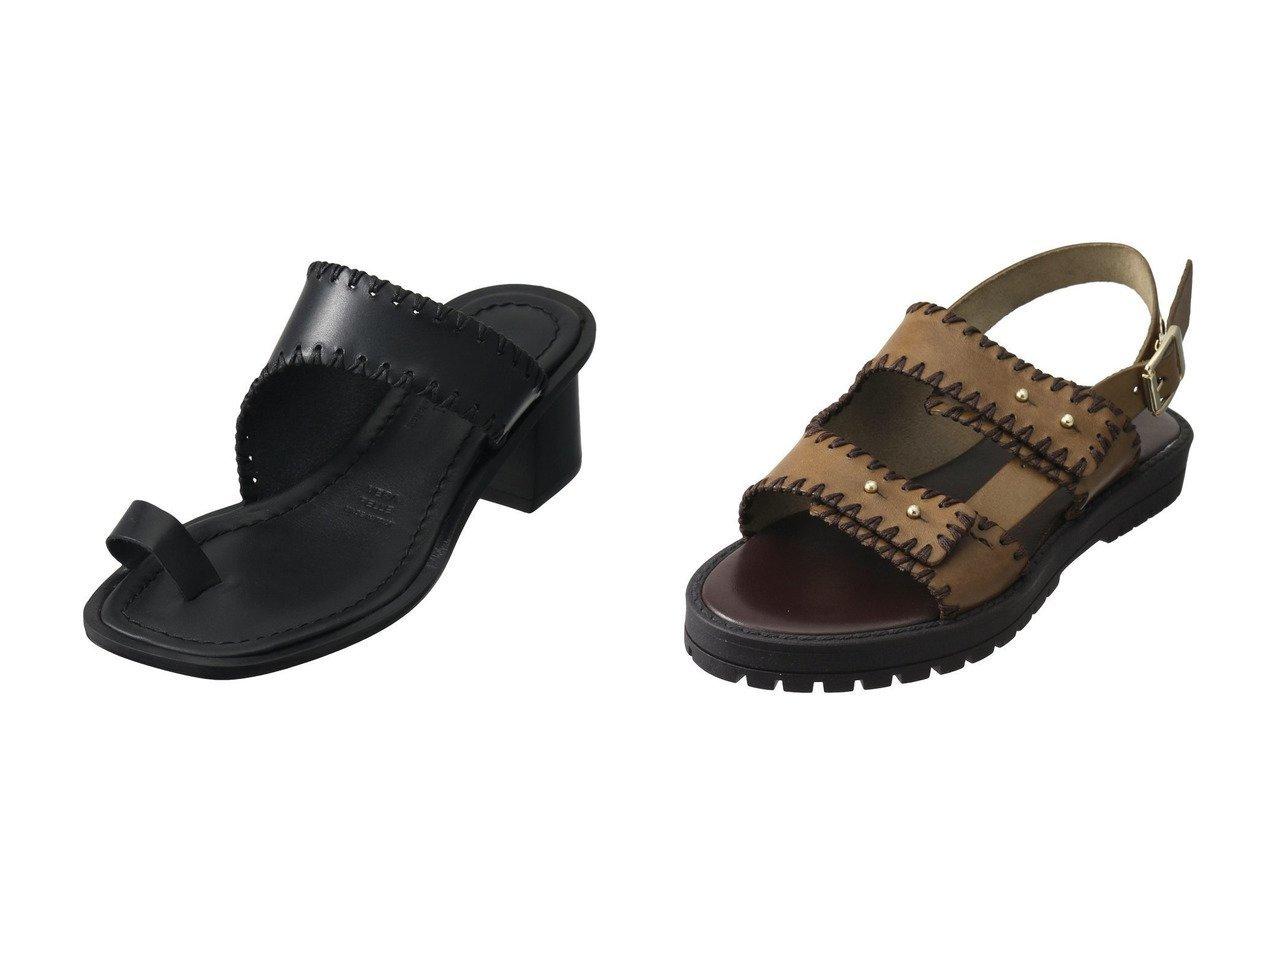 【MAURO de BARI/マウロ デ バーリ】の厚底ベルテッドサンダル&トゥリングミュール 【シューズ・靴】おすすめ!人気、トレンド・レディースファッションの通販 おすすめで人気の流行・トレンド、ファッションの通販商品 メンズファッション・キッズファッション・インテリア・家具・レディースファッション・服の通販 founy(ファニー) https://founy.com/ ファッション Fashion レディースファッション WOMEN サンダル ハンド ミュール 今季 厚底 |ID:crp329100000036719